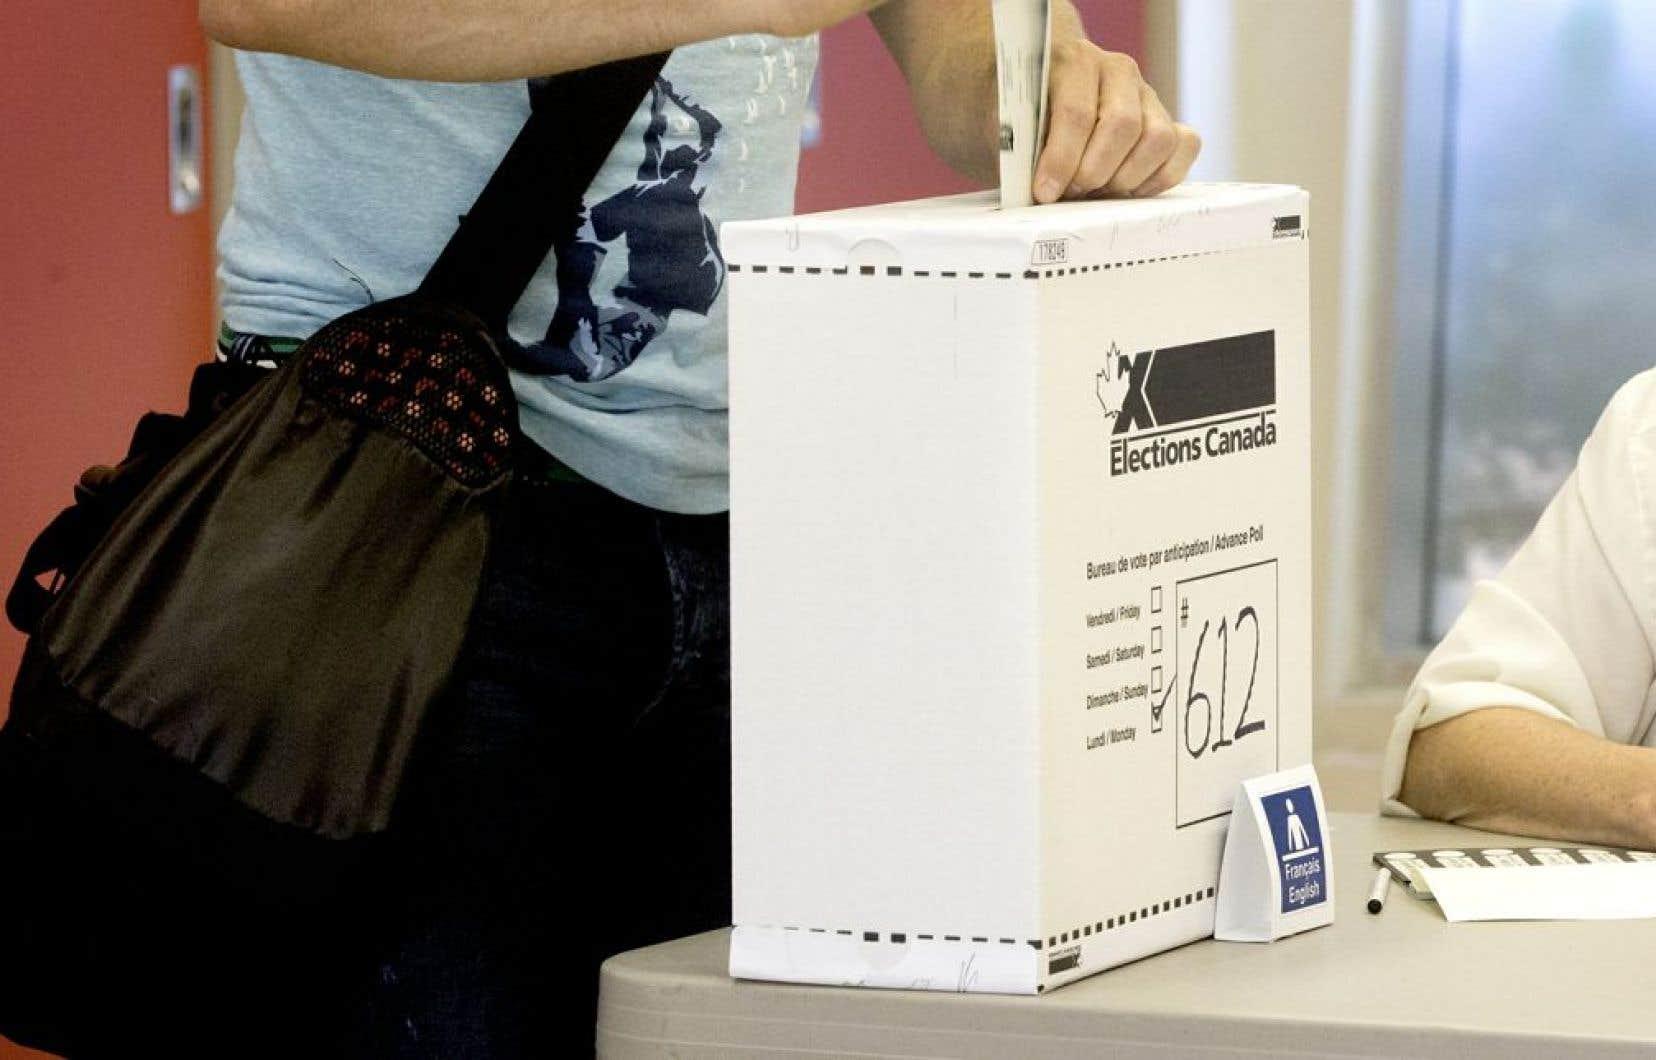 Le comité devra également étudier le vote obligatoire et le vote électronique.